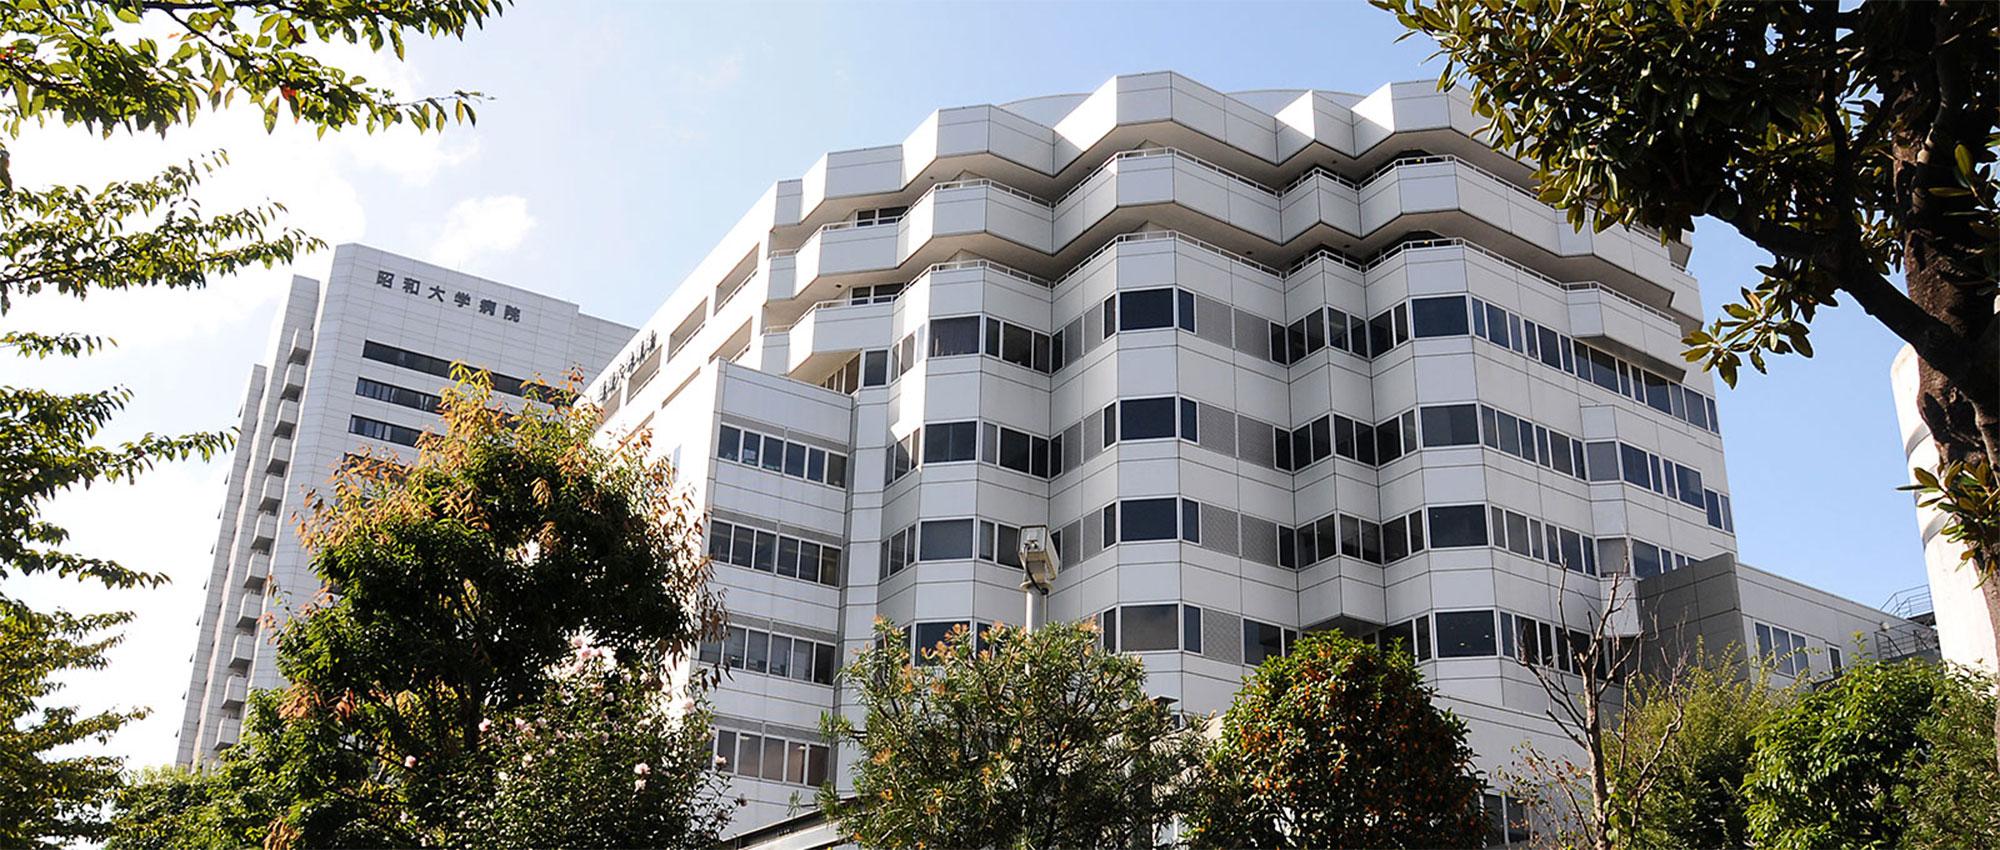 昭和大学病院外観